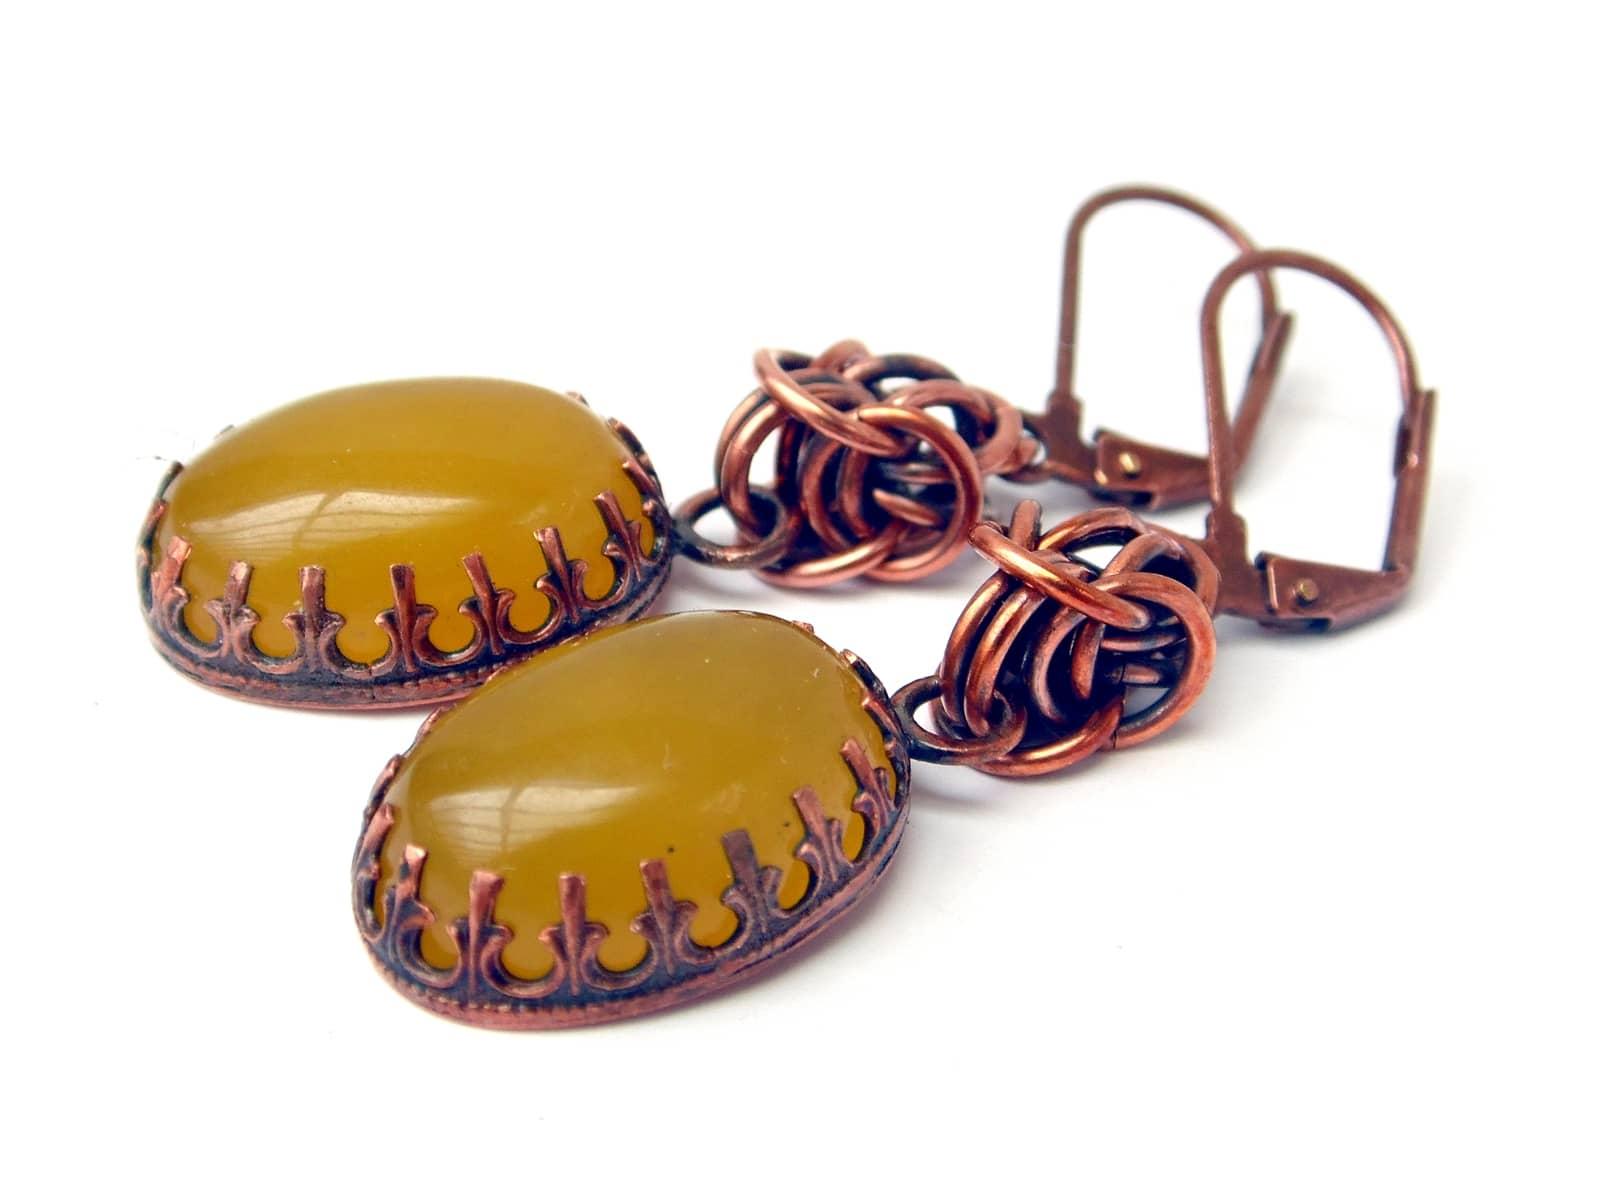 Kolczyki miedziane chainmaille z tradycyjnie oprawionymi żółtymi agatami brazylijskimi